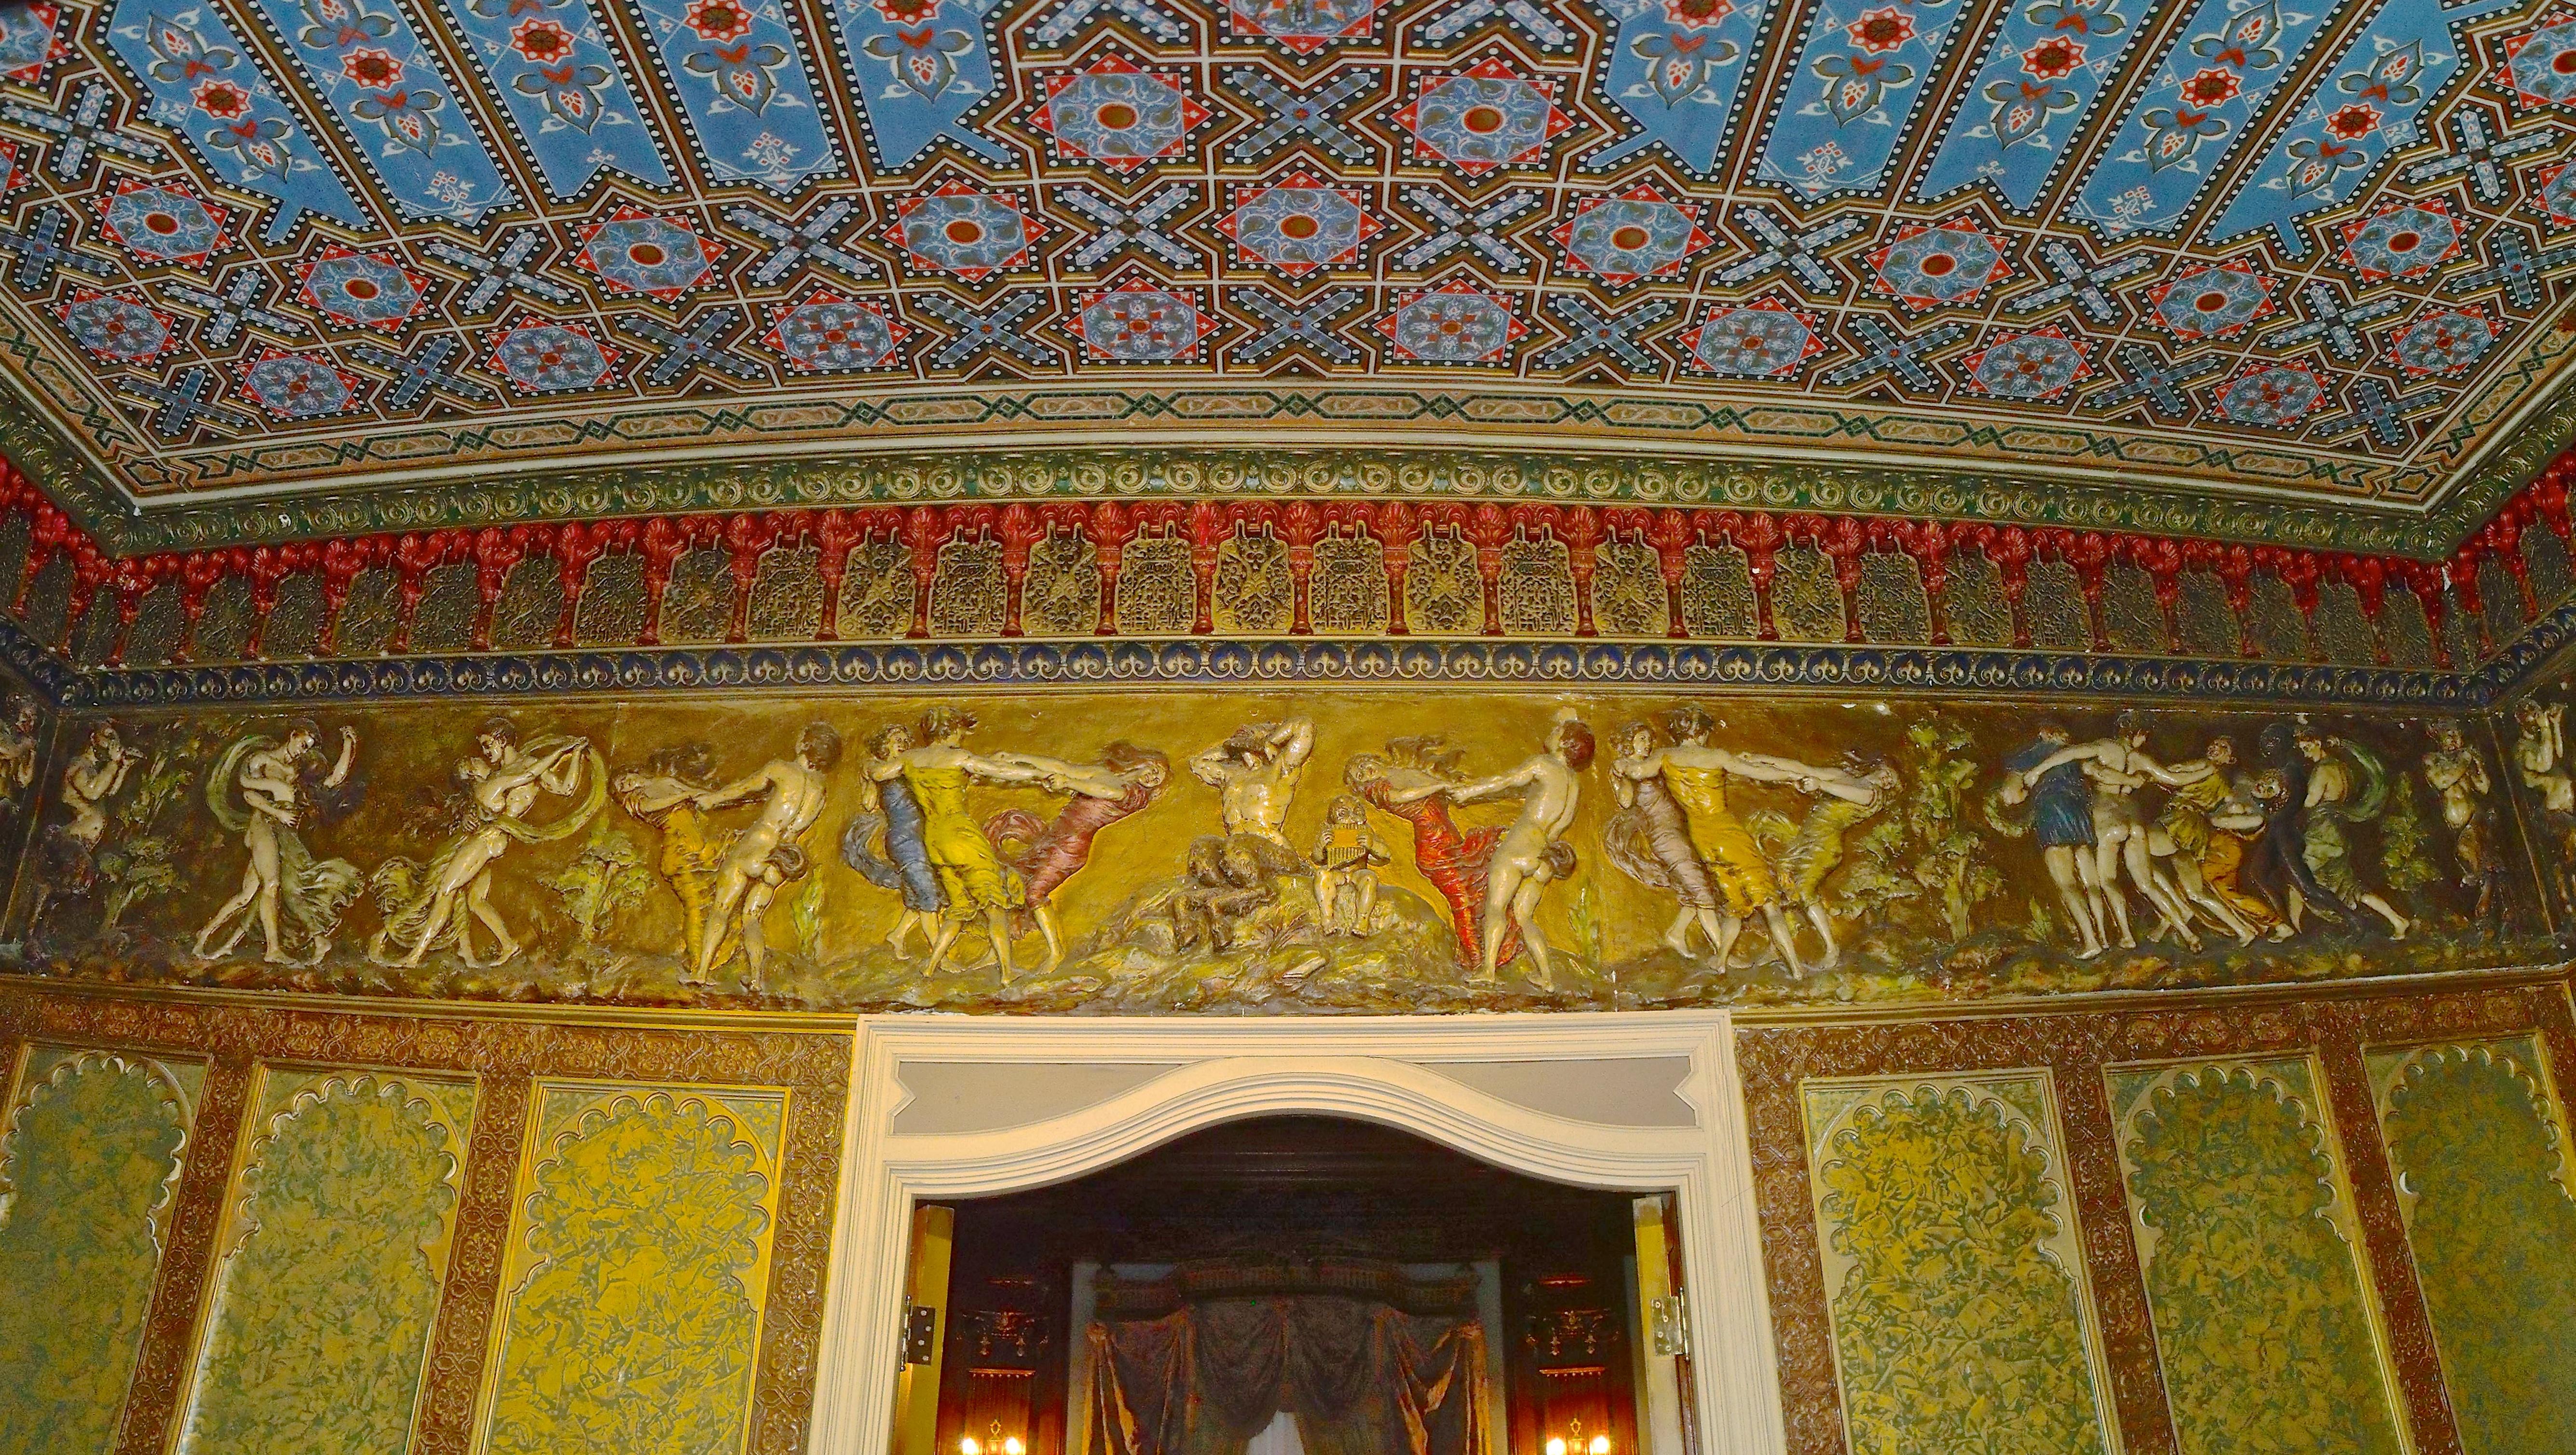 File:Salon turc (Château Dufresne) 87.jpg - Wikimedia Commons